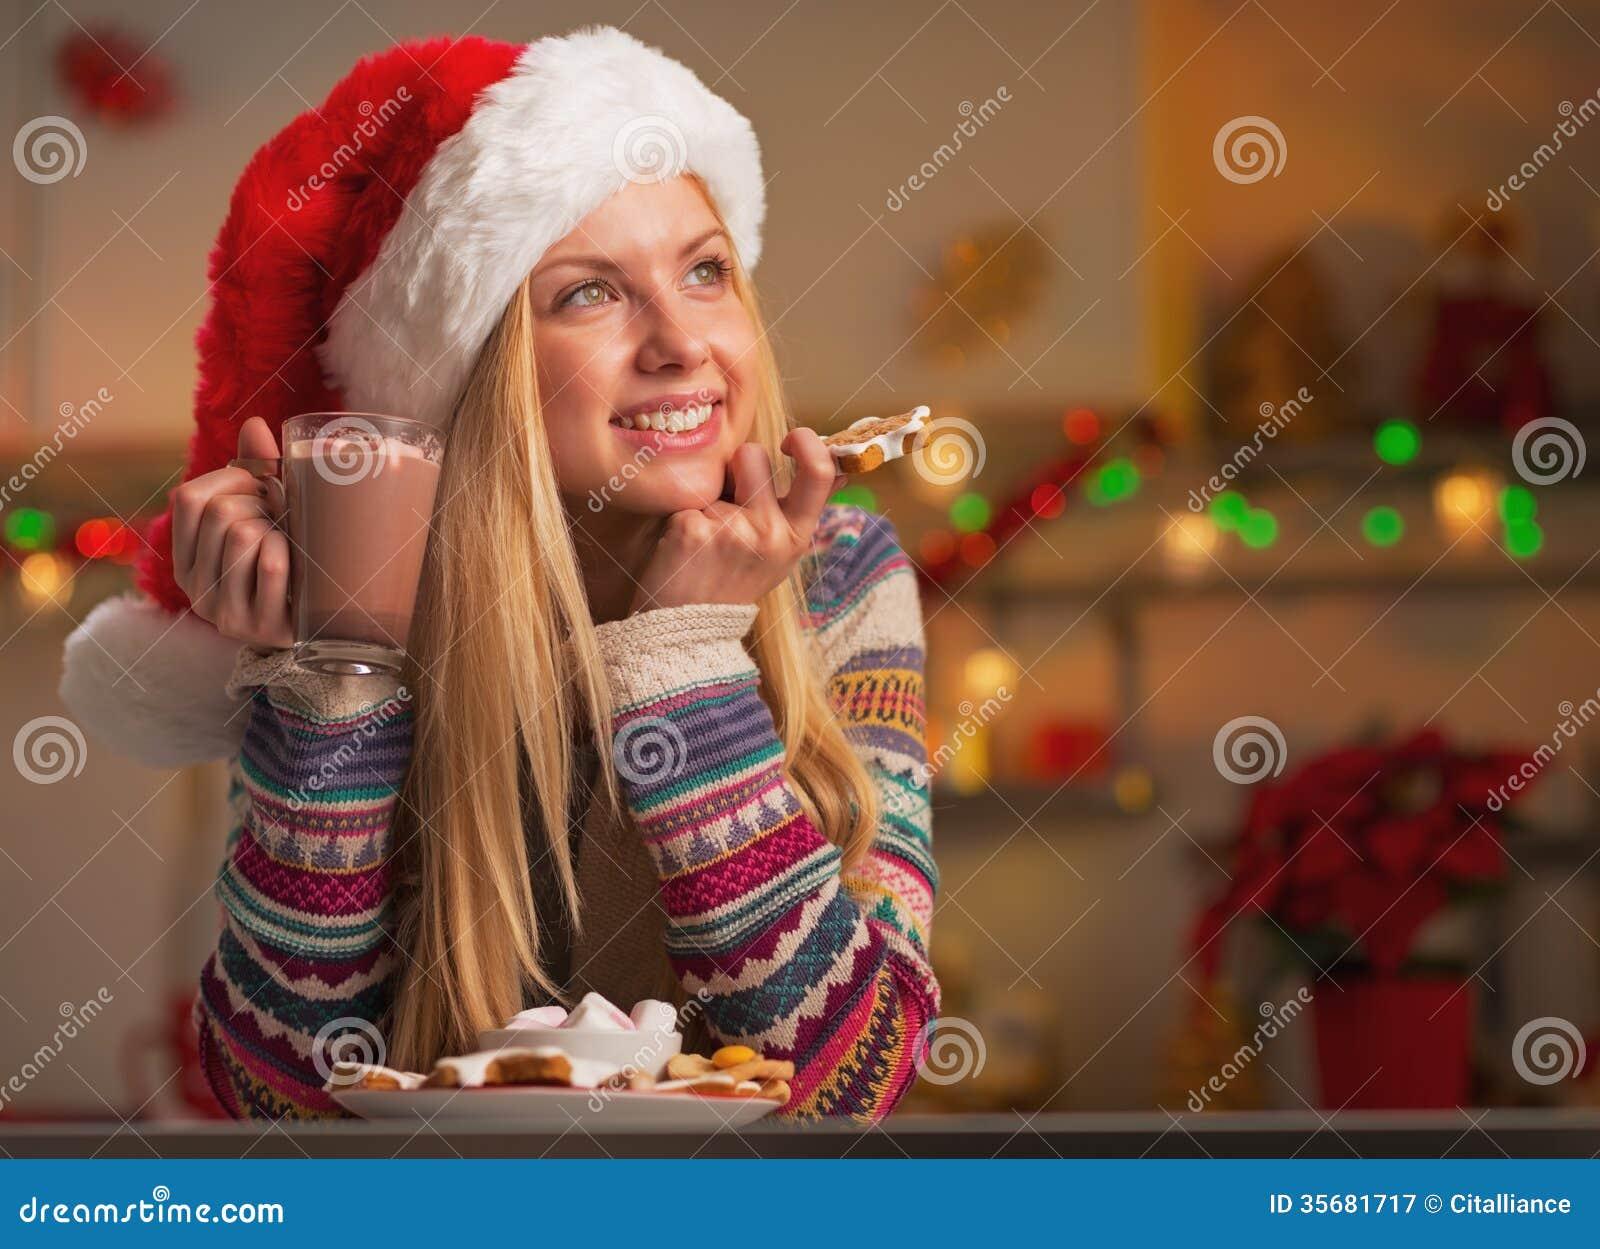 Hot christmas girl santa can